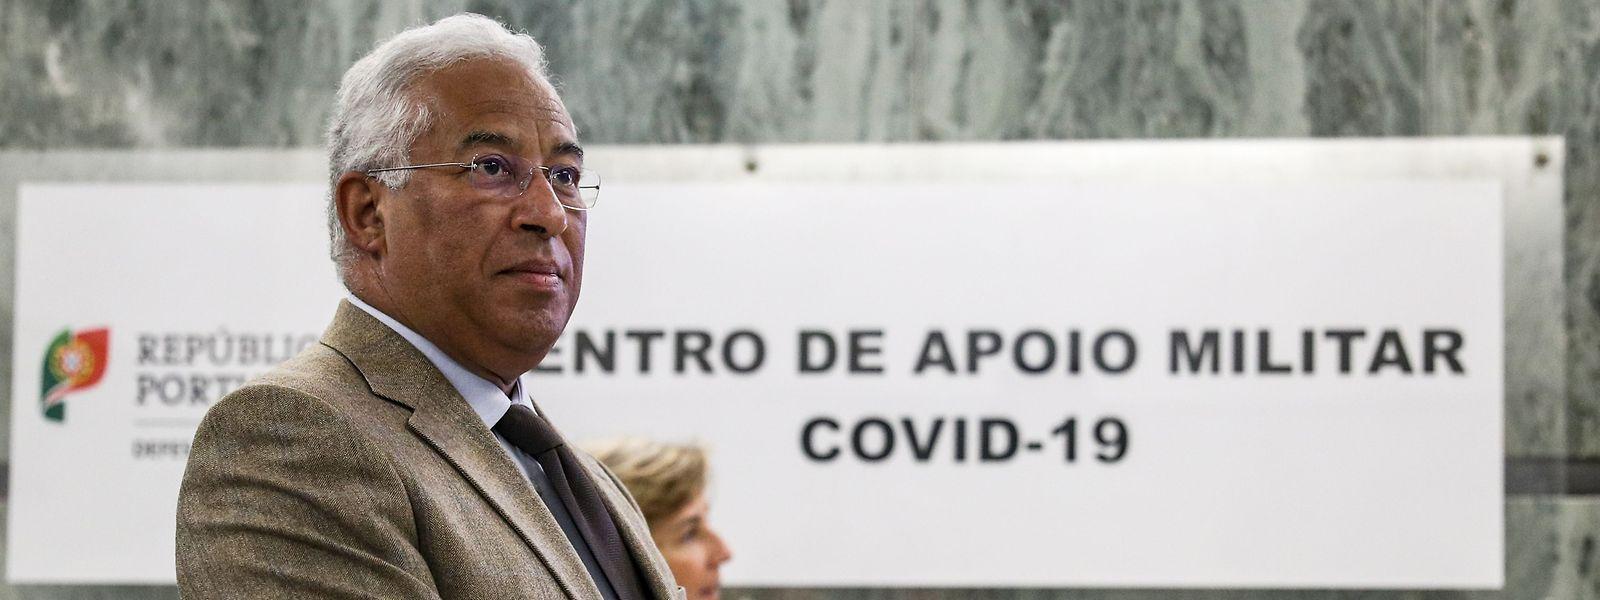 Depuis mardi, le Portugal est placé en état dit de contingence, deuxième niveau d'alerte du plan de protection civile instauré par le gouvernement d'Antonio Costa.